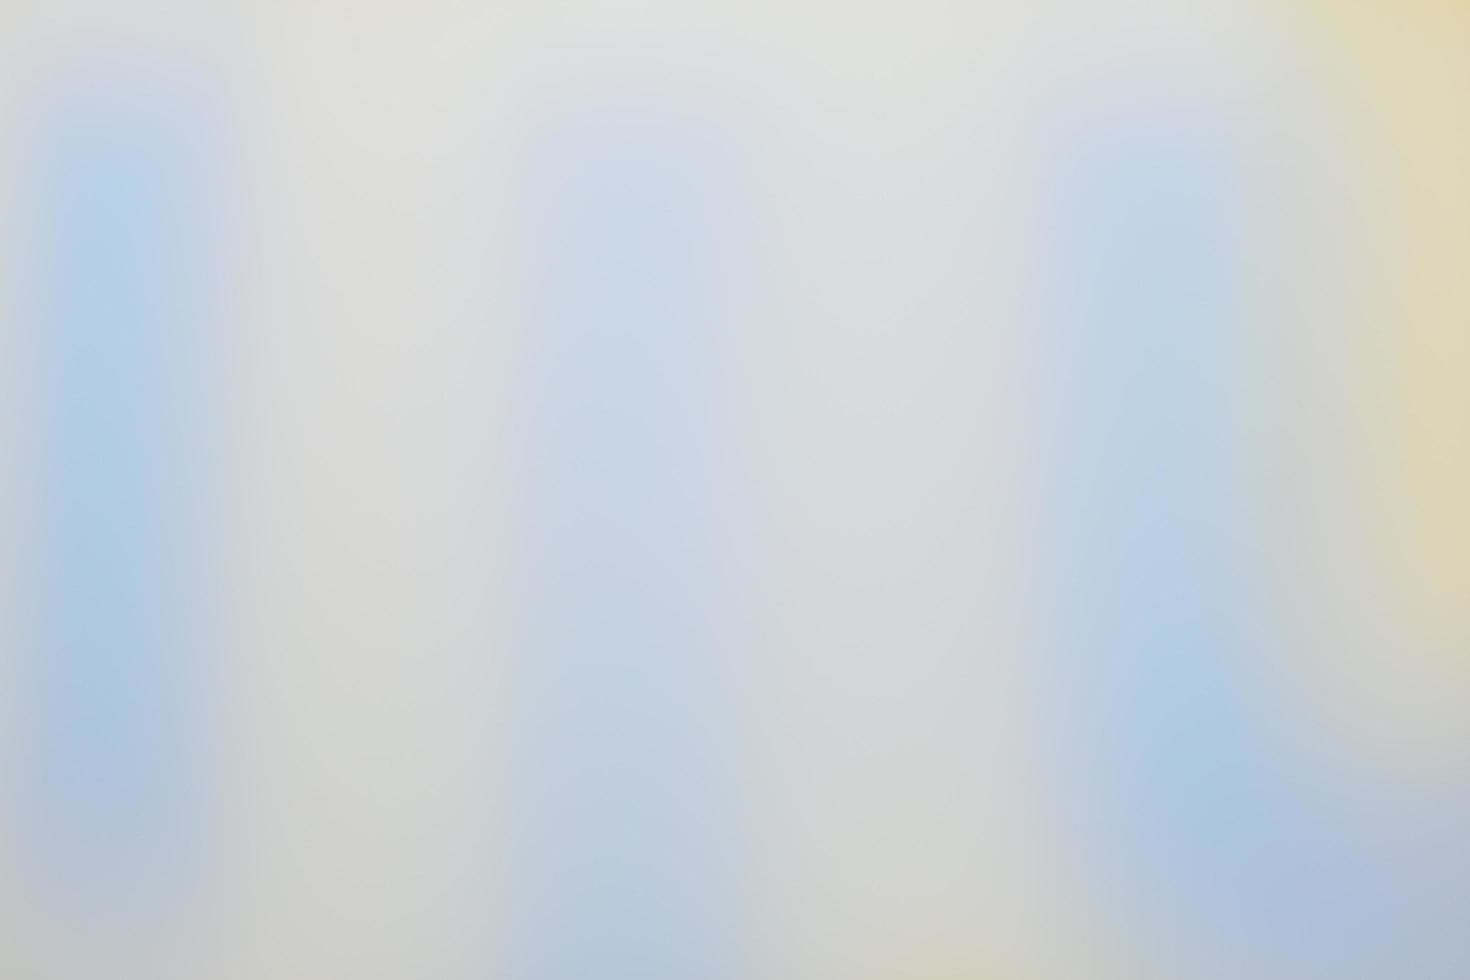 kleurrijke onscherpe achtergrond foto